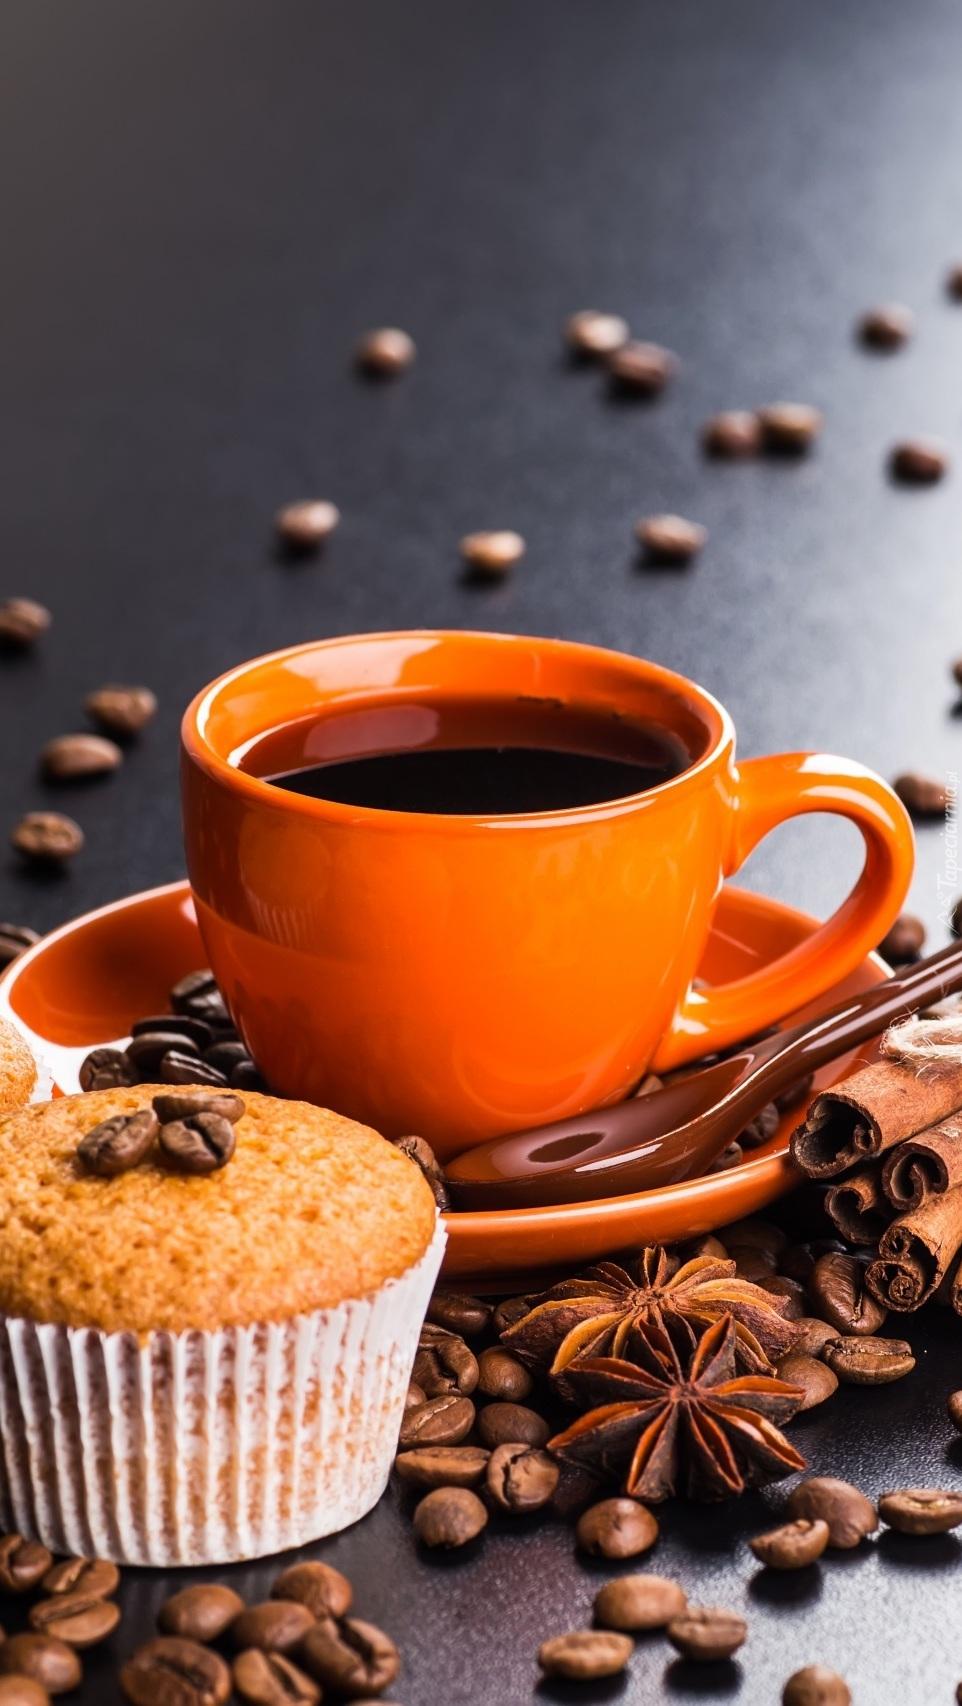 Babeczka obok filiżanki z kawą